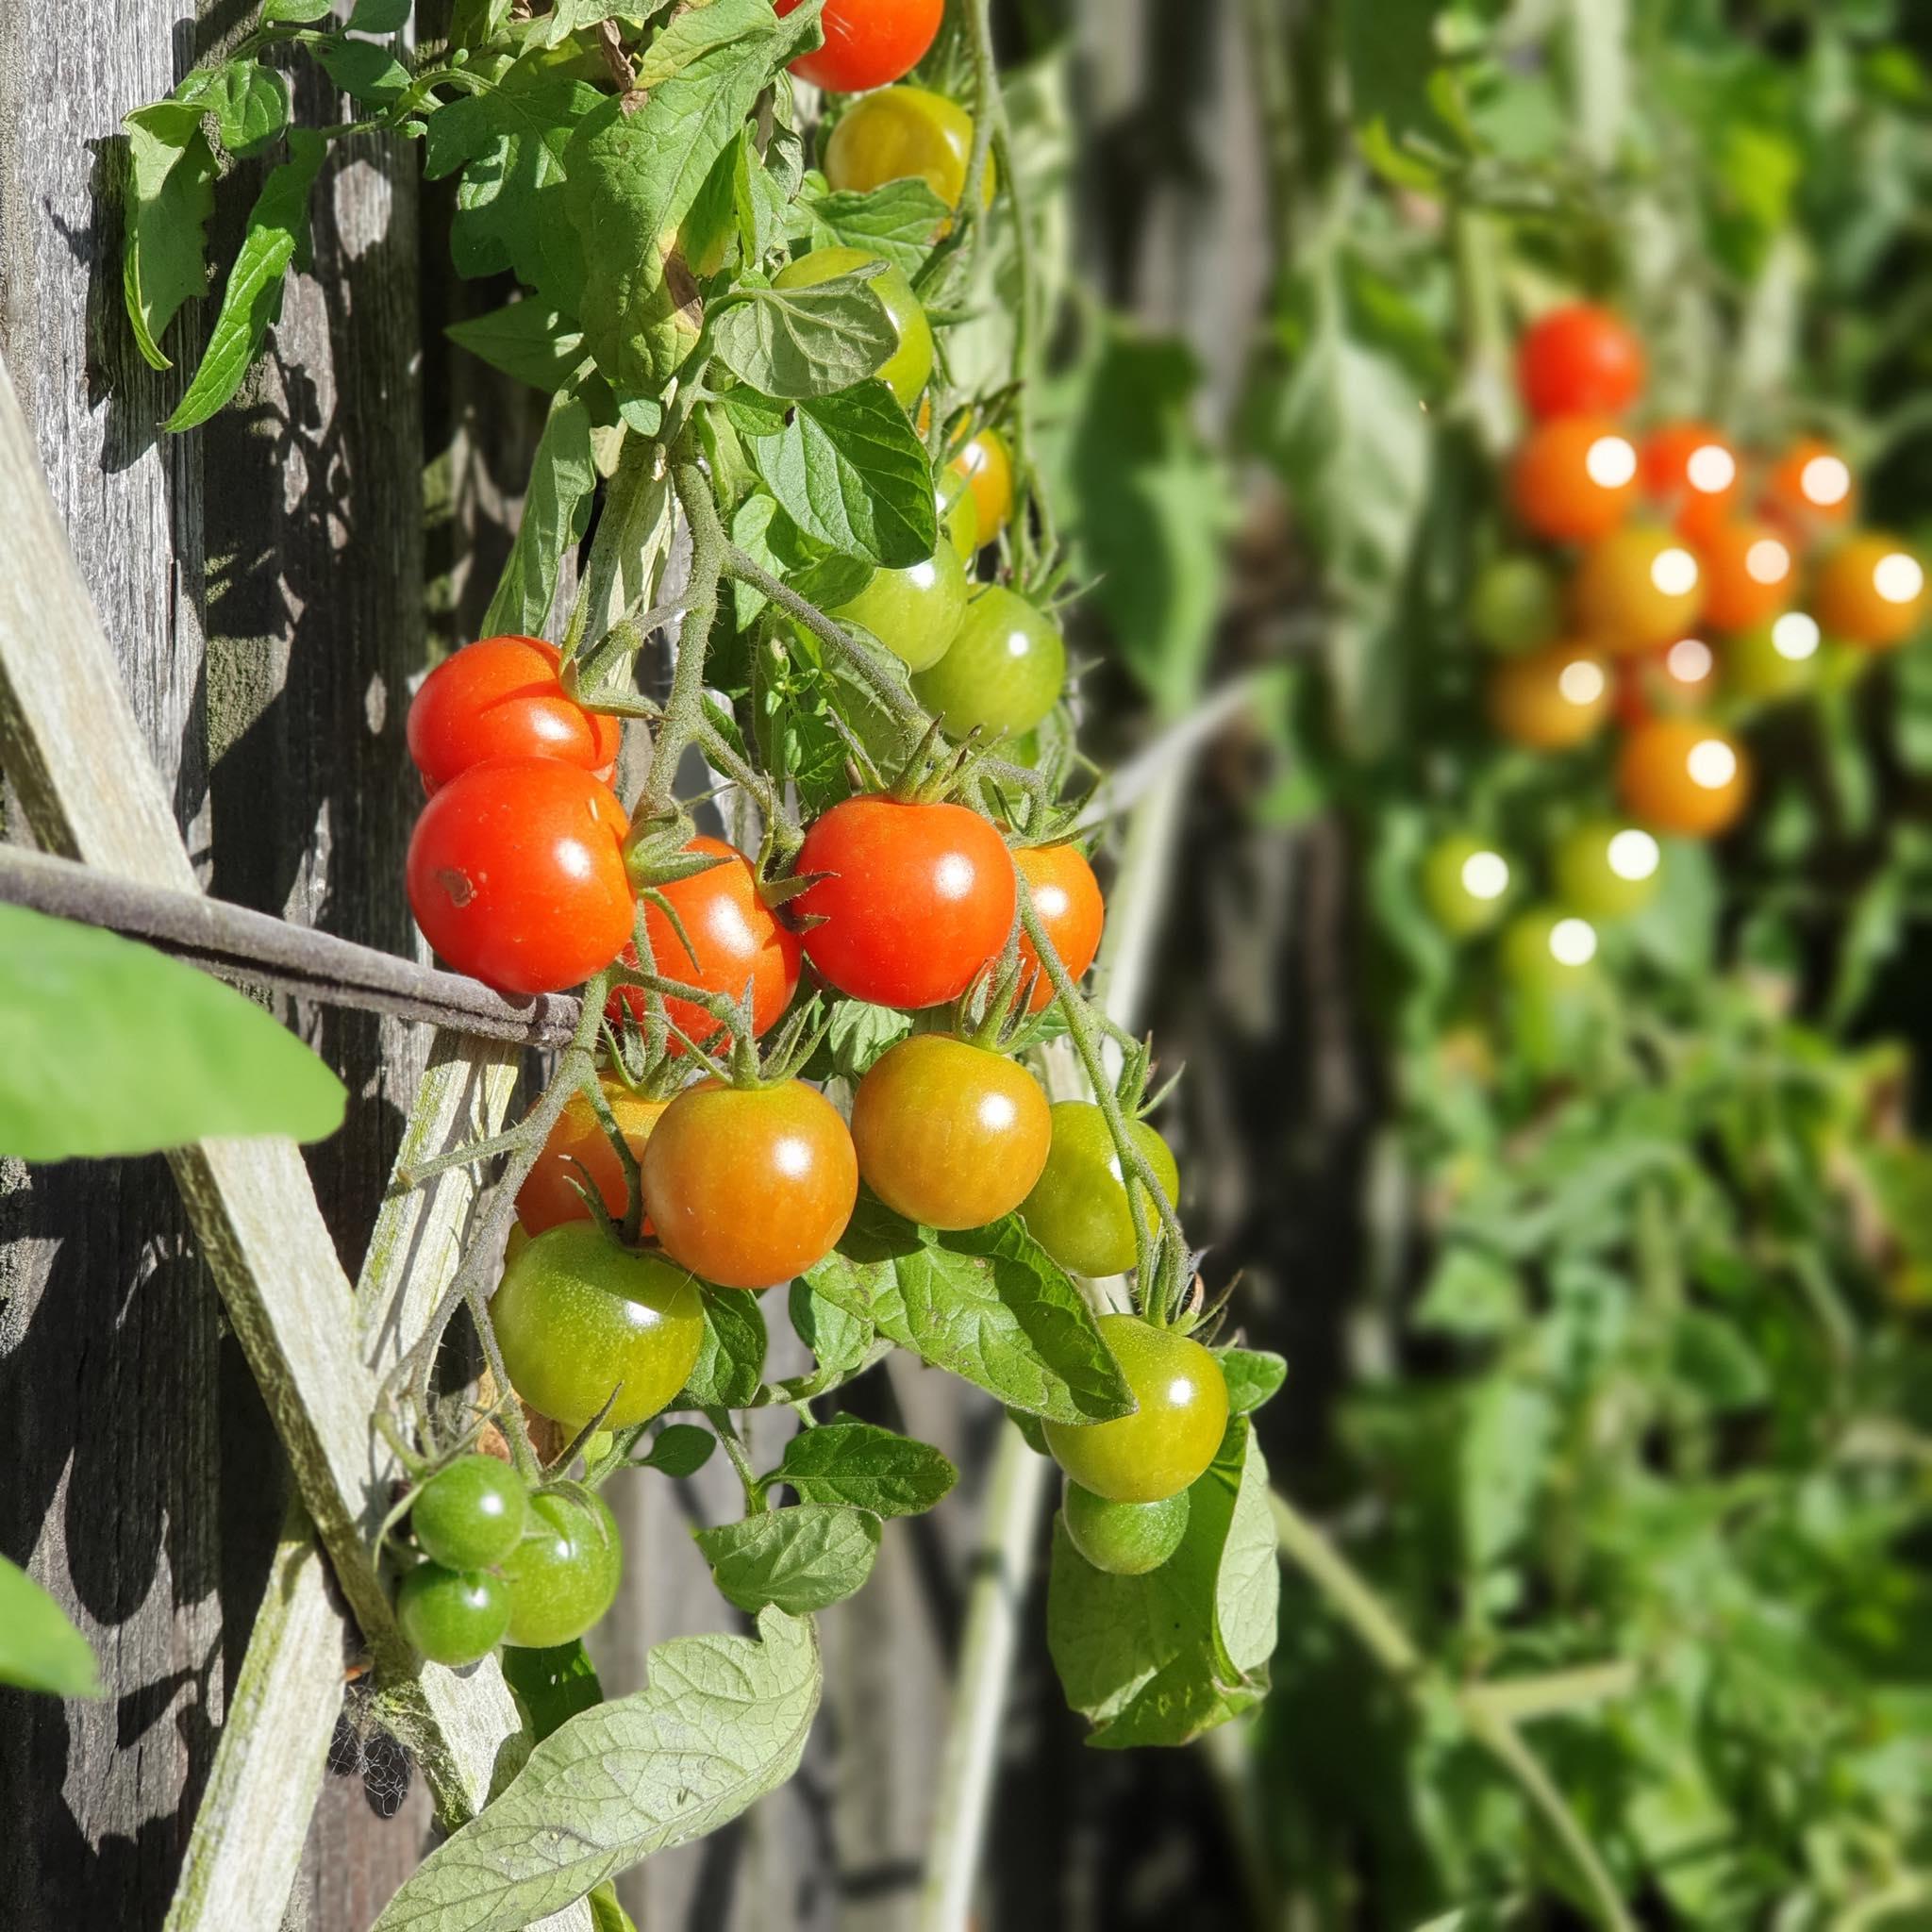 Khu vườn 225m² trồng toàn rau hữu cơ xanh tốt nhờ bí quyết dễ làm của bà mẹ trẻ đảm đang - Ảnh 11.